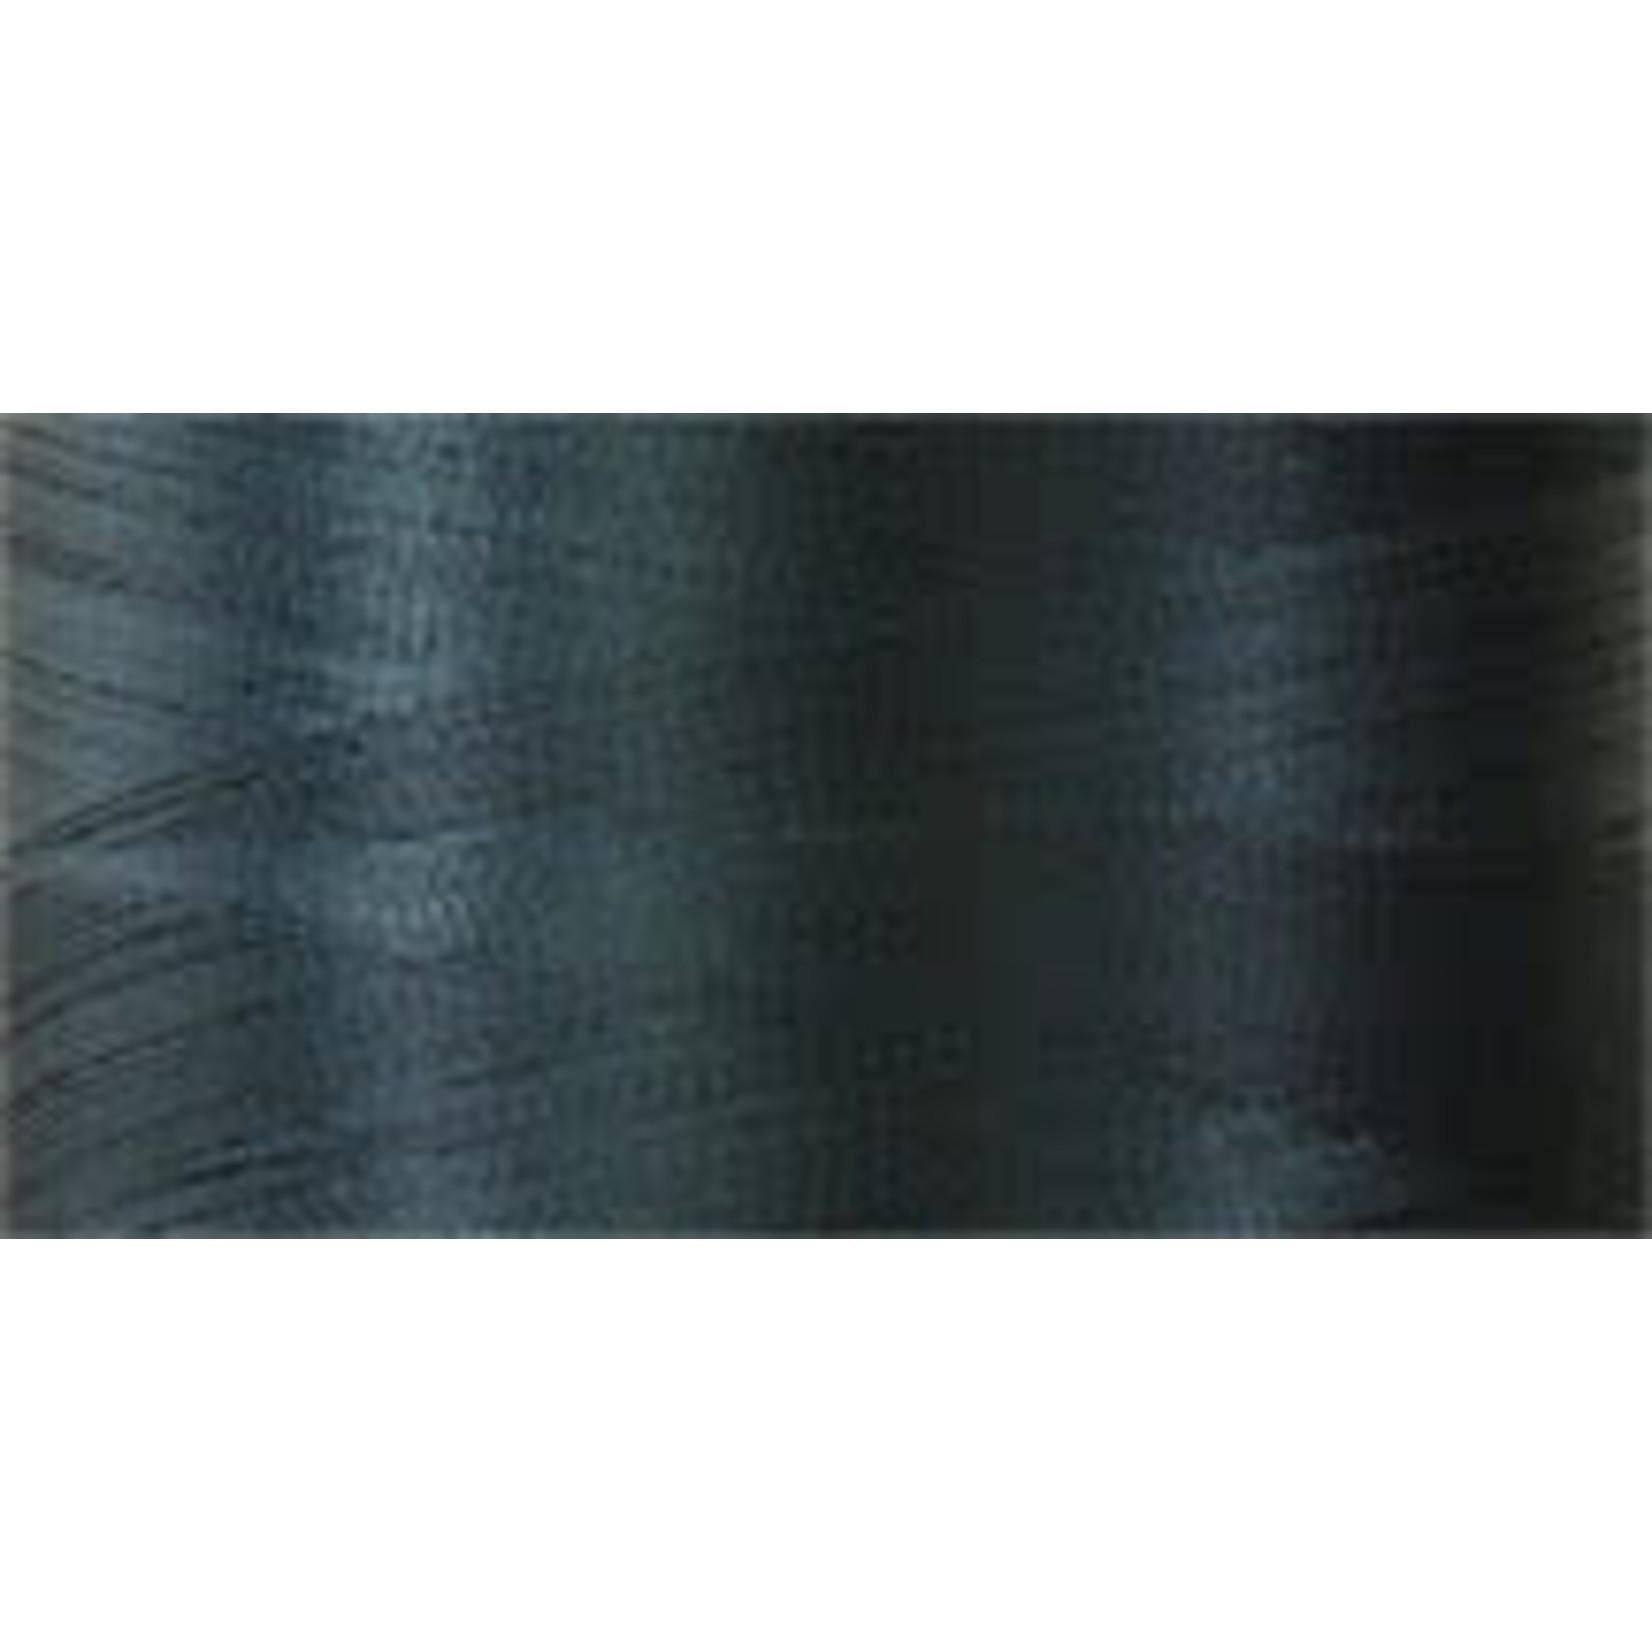 Superior Threads Bottom Line - #60 - 1300 m - 643 Dark Green